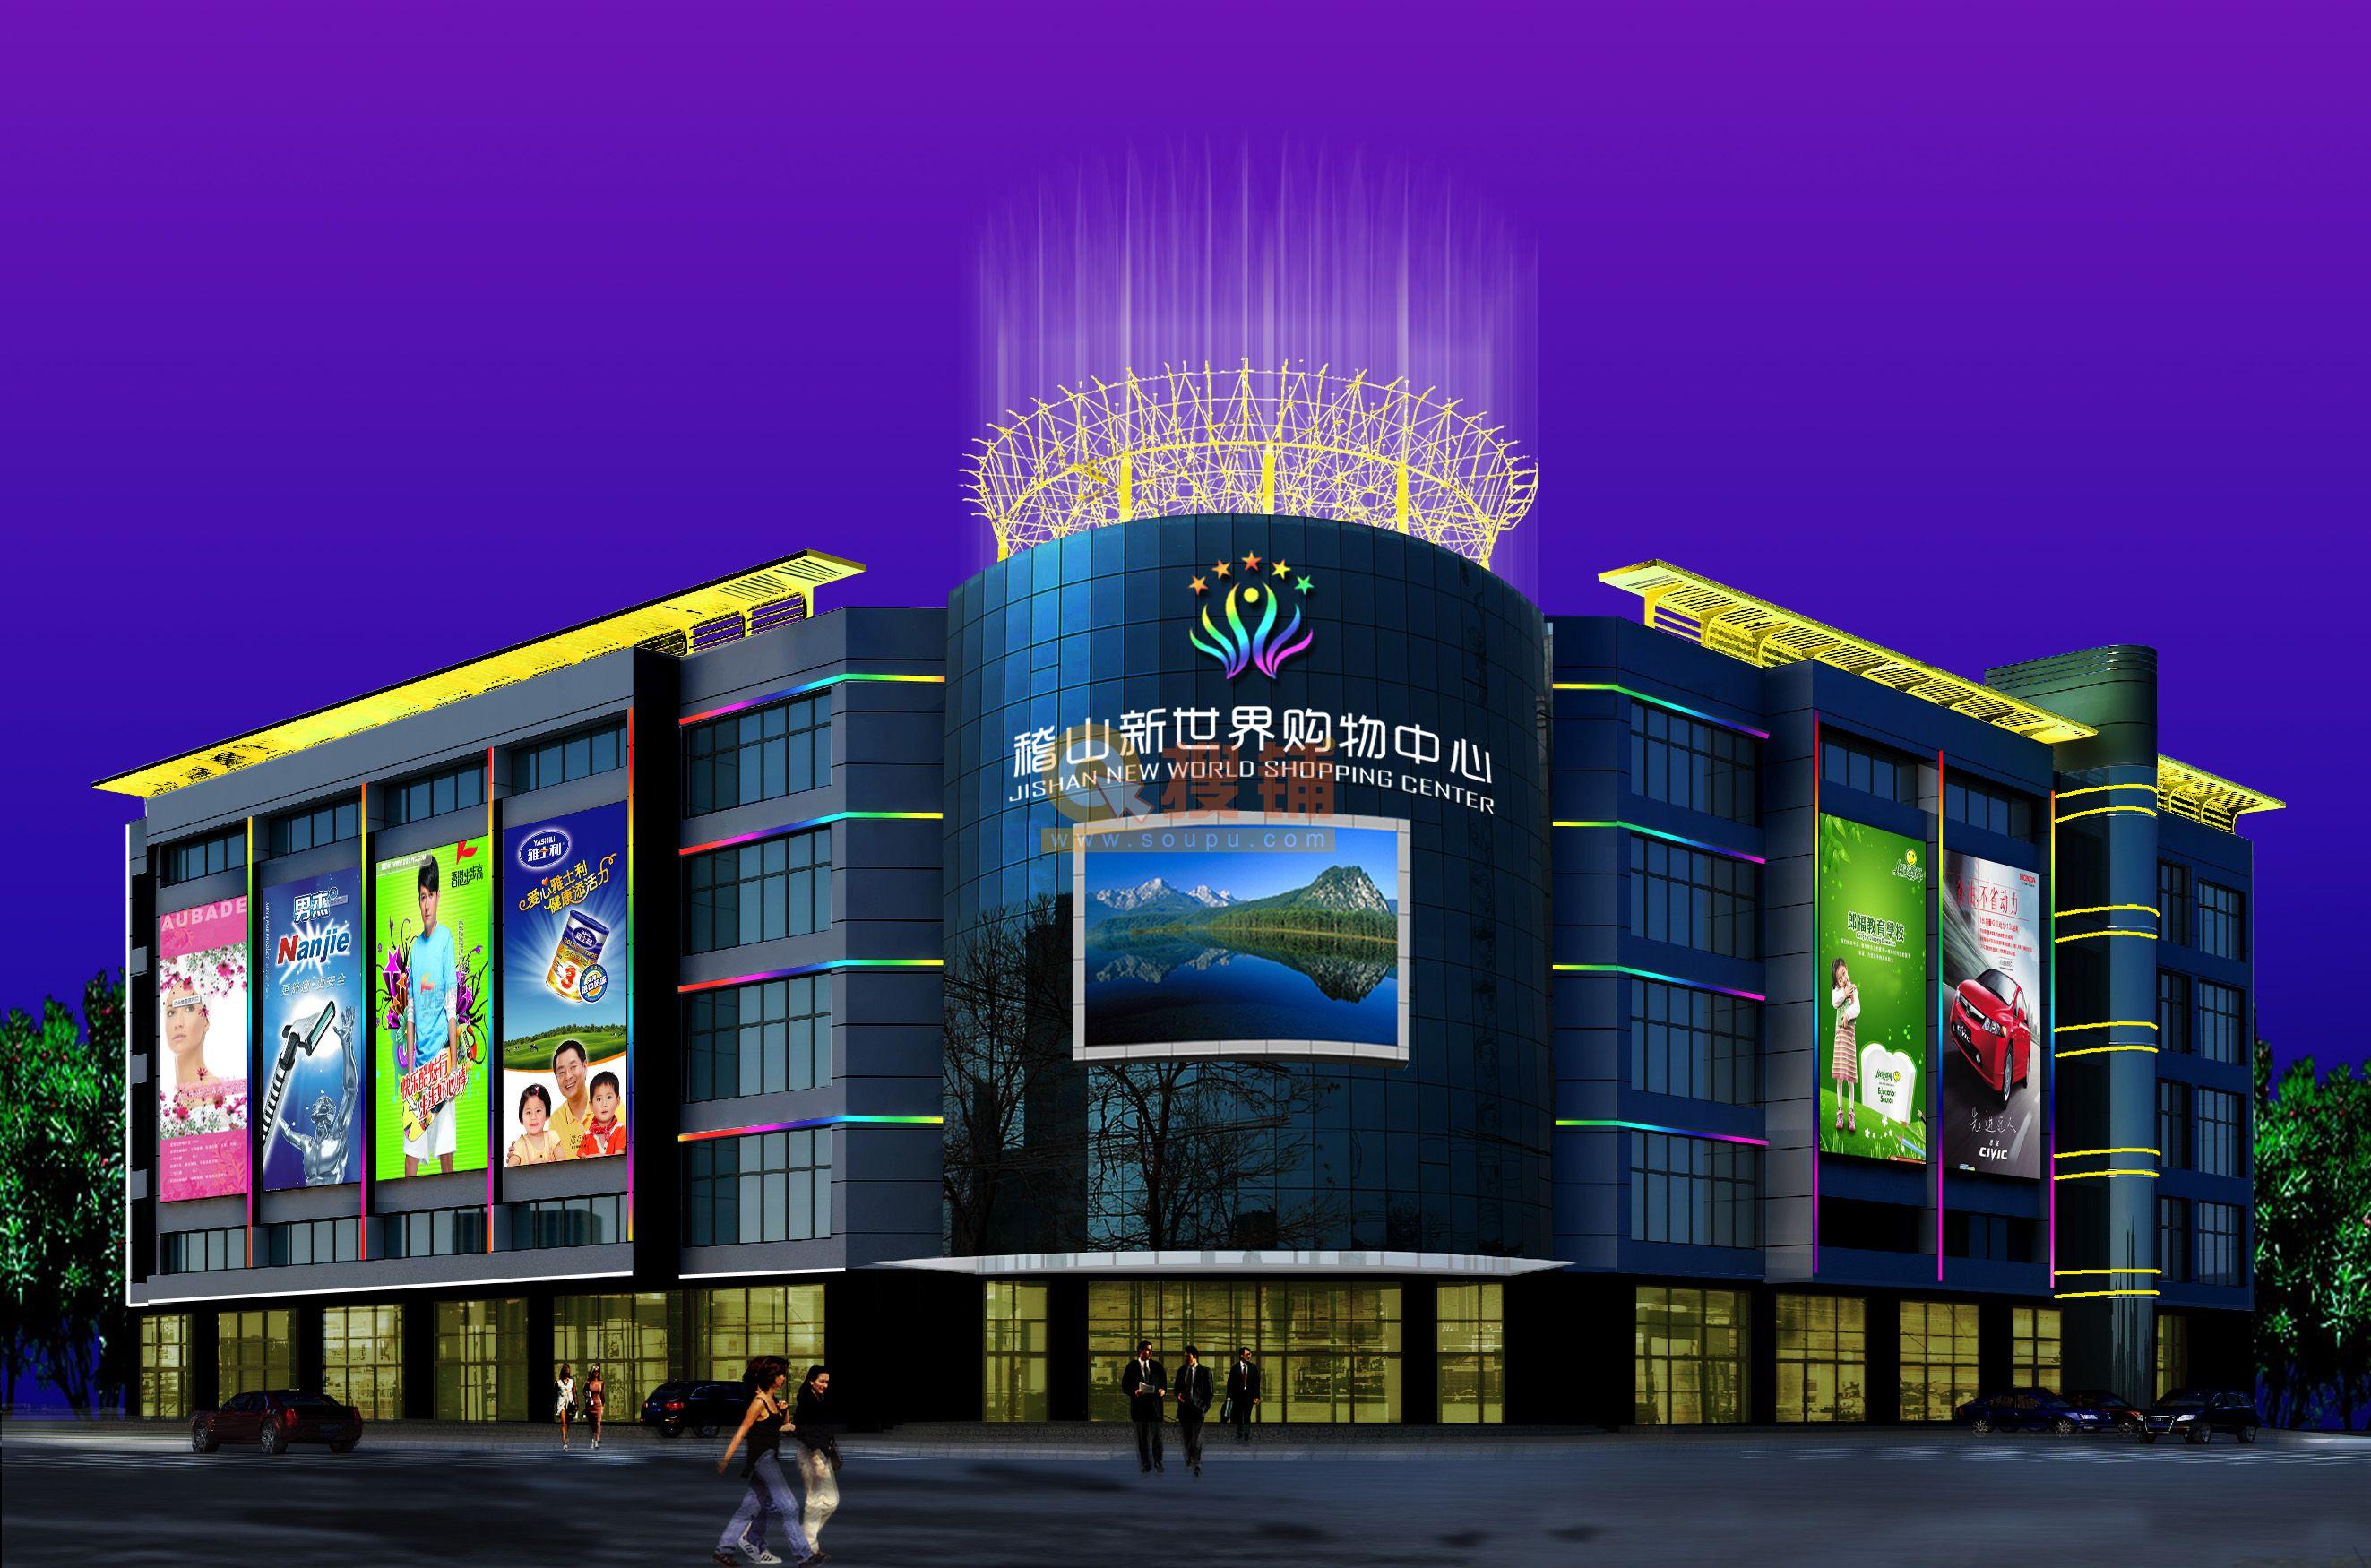 博城华夏茶合肥商业街打造将开盘成世界级电影集散地和泰食尚汇吴孟达所有茶叶图片